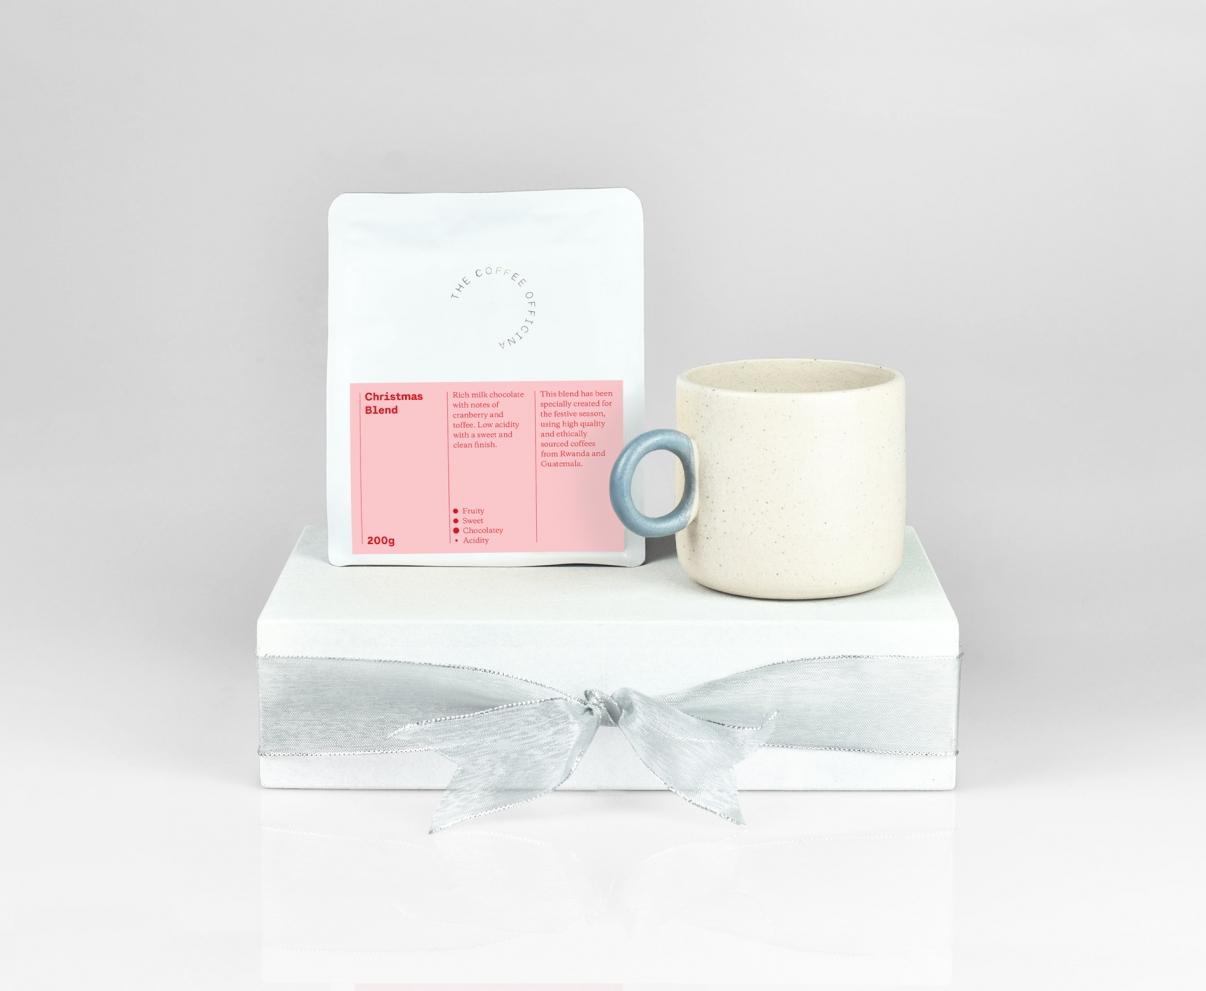 The Coffee Officina Mug and Christmas Blend gift set